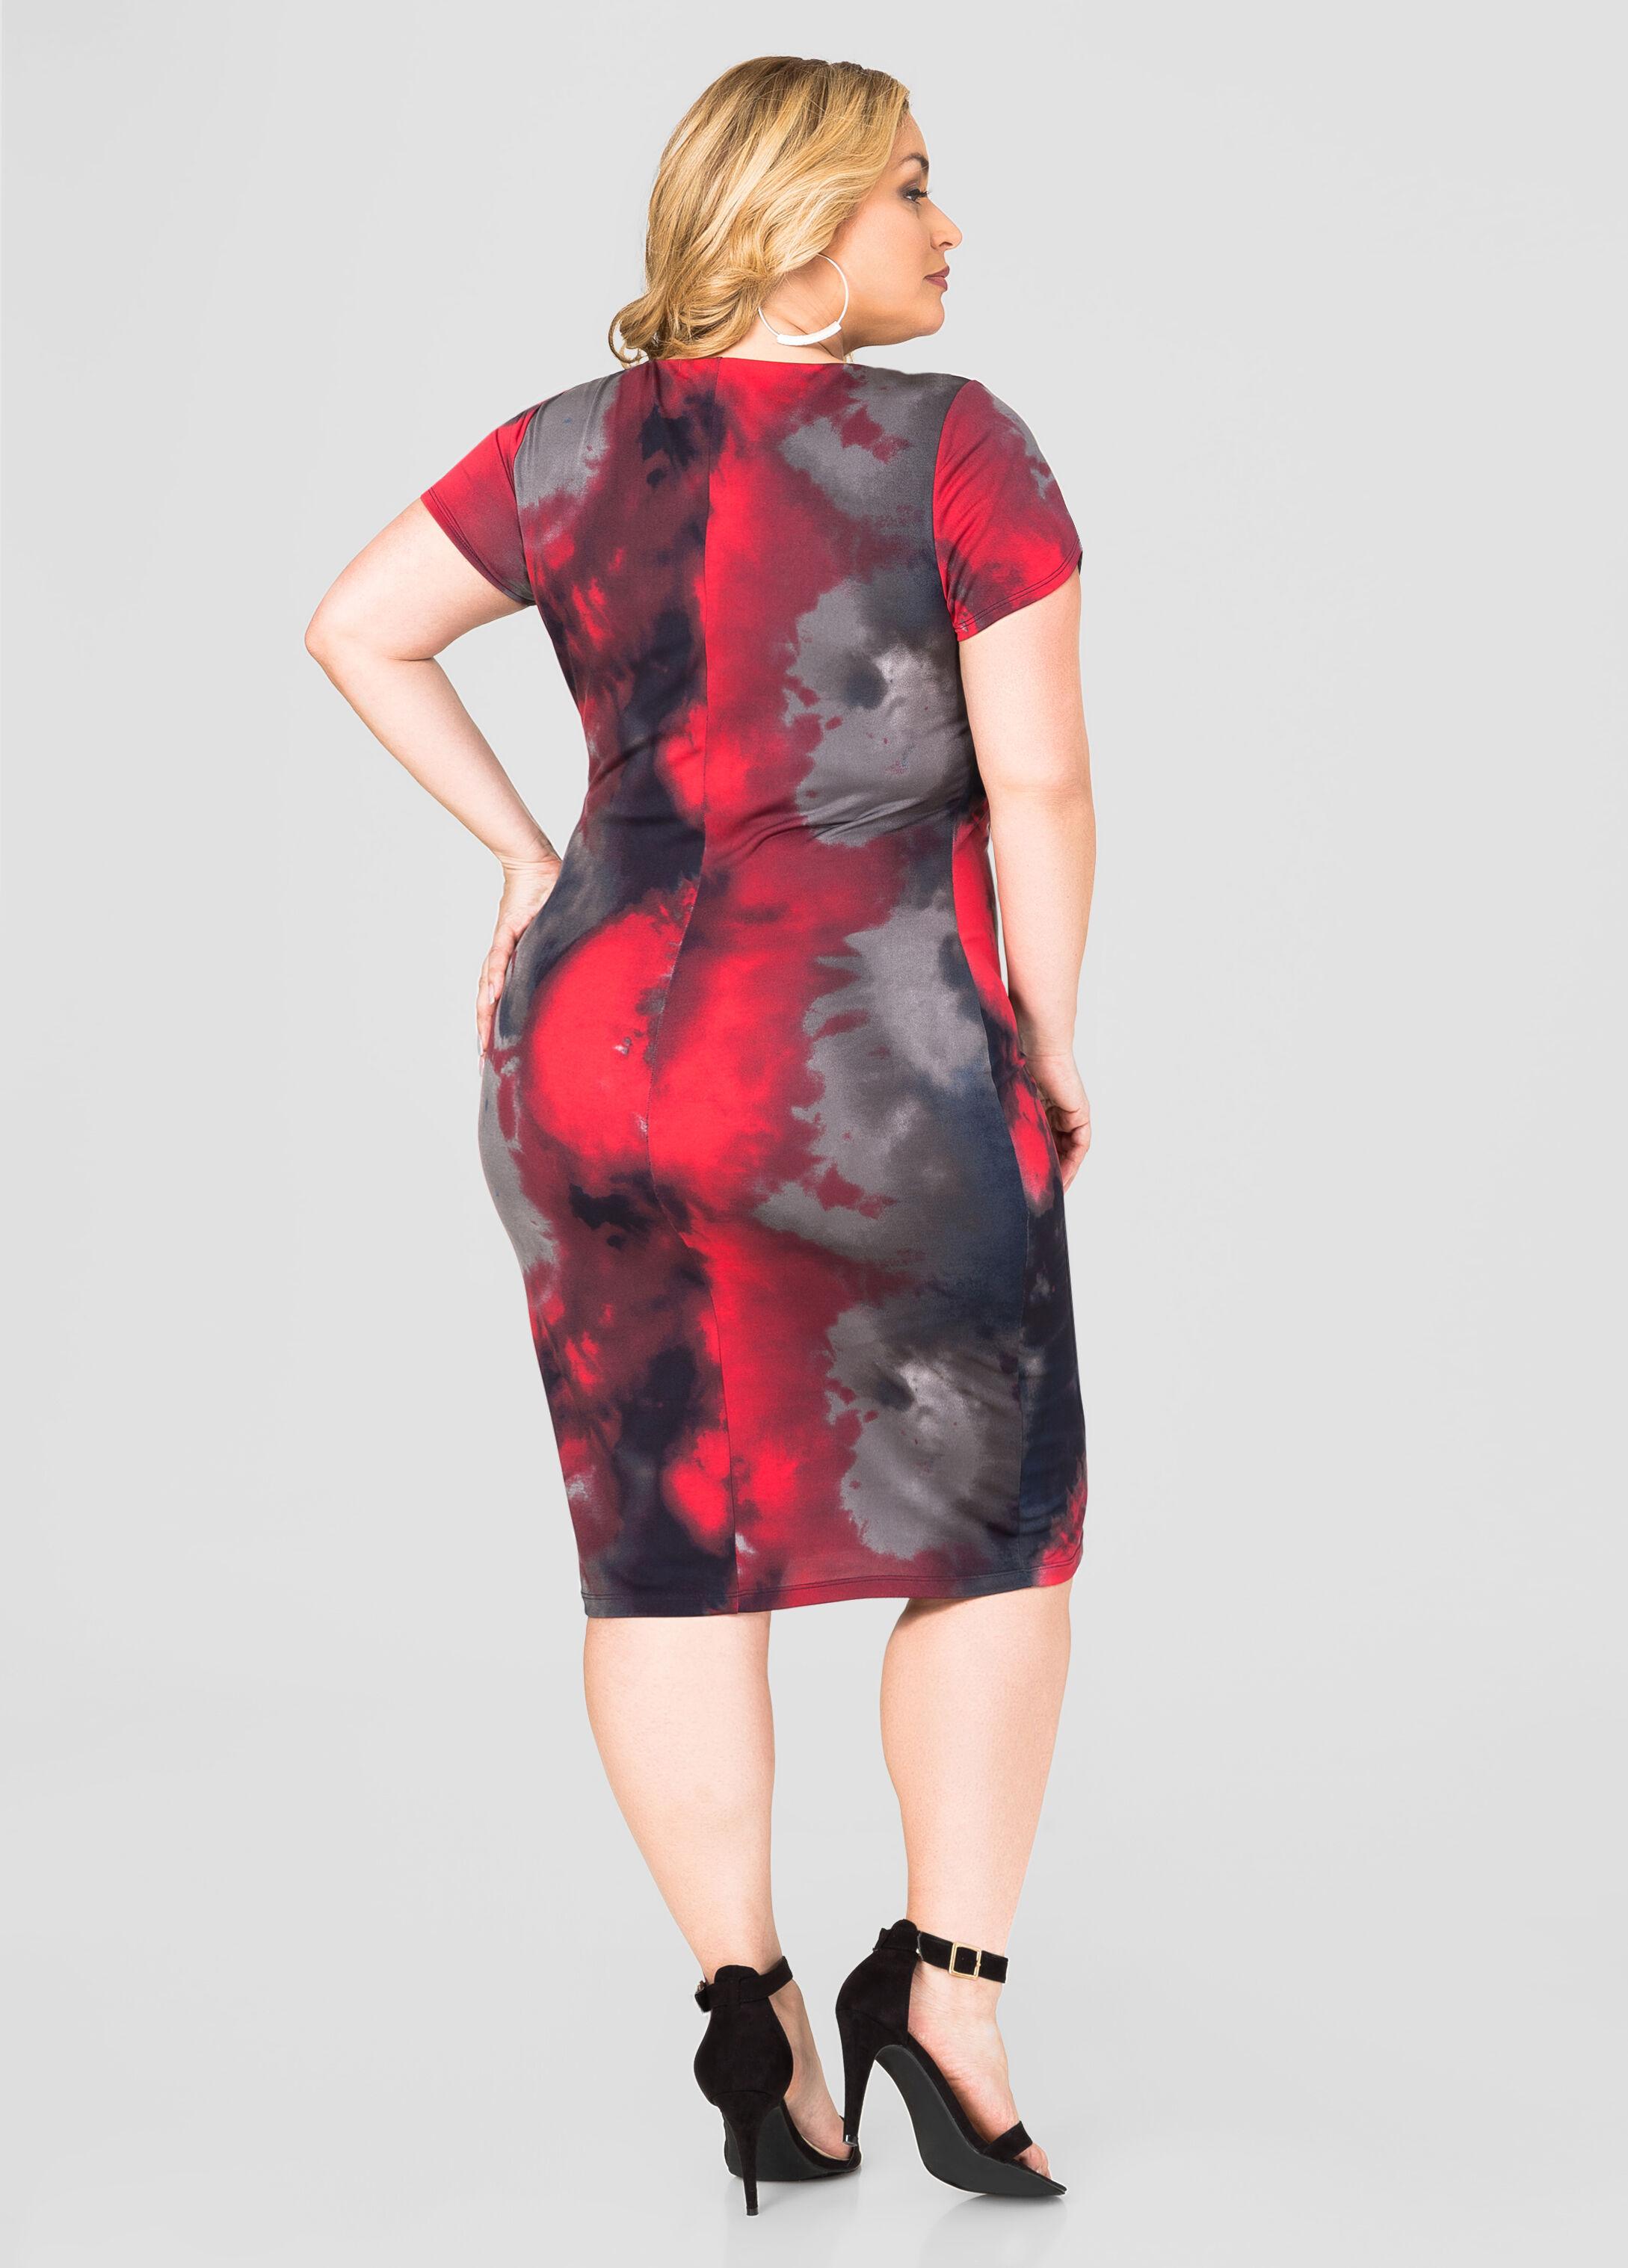 Lace-Up Tie Dye Dress